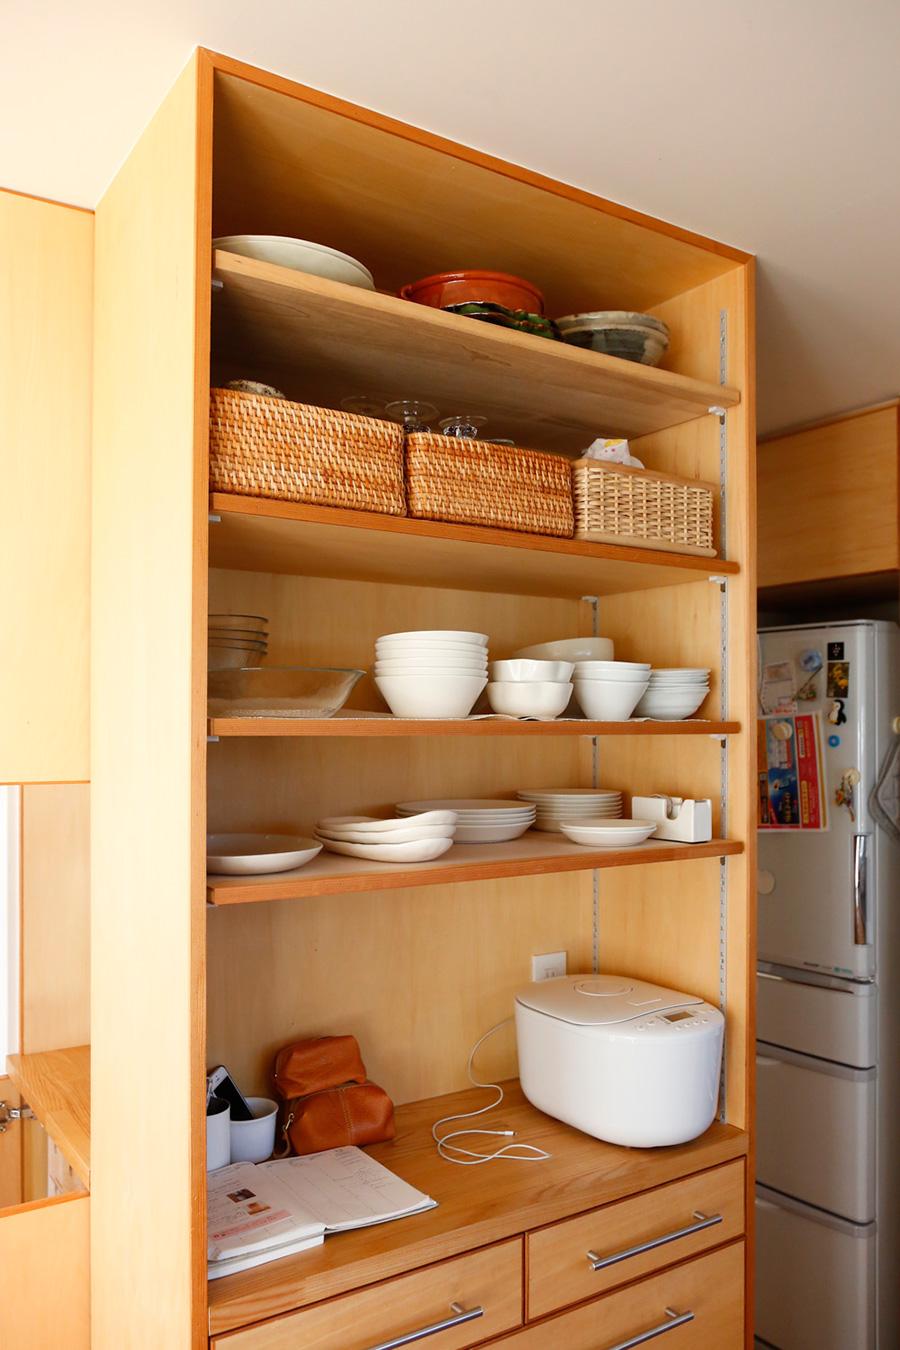 白で統一した食器は見える位置に配置。手前は高さの低いもの、奥に高いものを置いて取り出しやすいようにしている。白以外の和食器は扉の中に見えないように収納する。